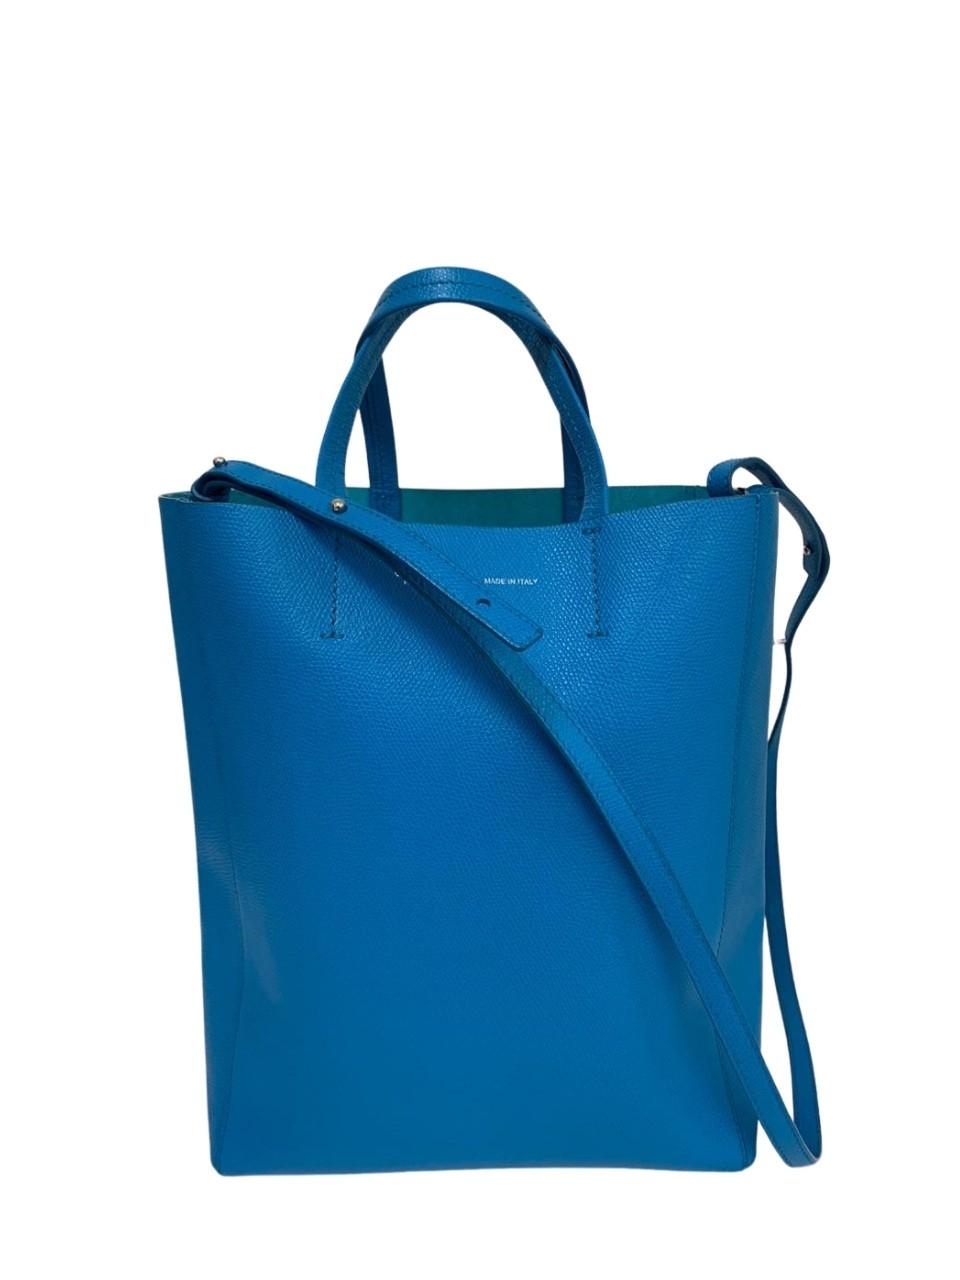 Bolsa Céline Paris Small Cabas Azul